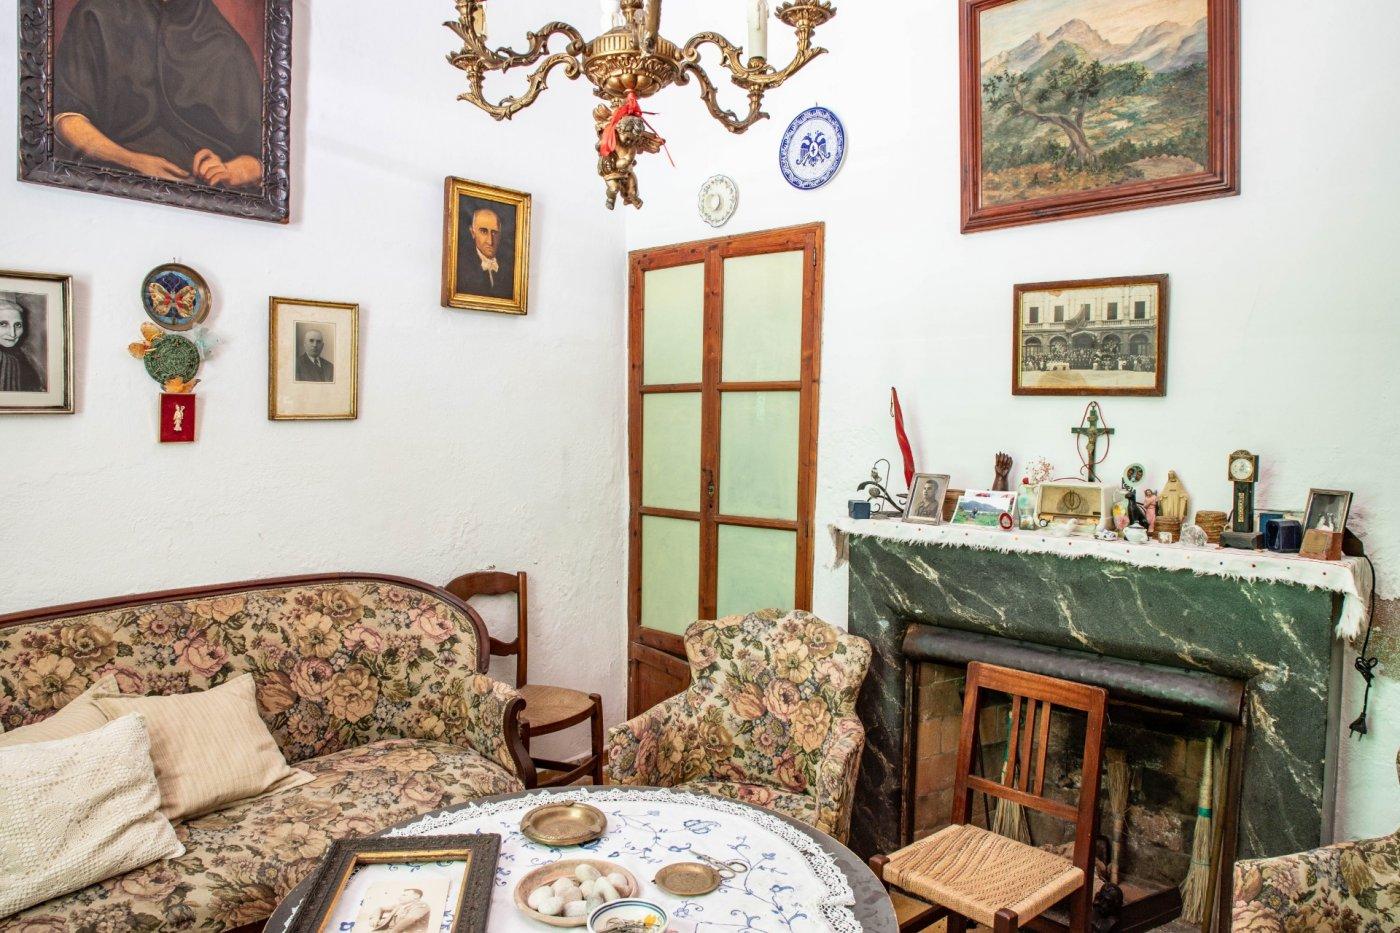 En venta excelente casa en el centro de pollensa - imagenInmueble21